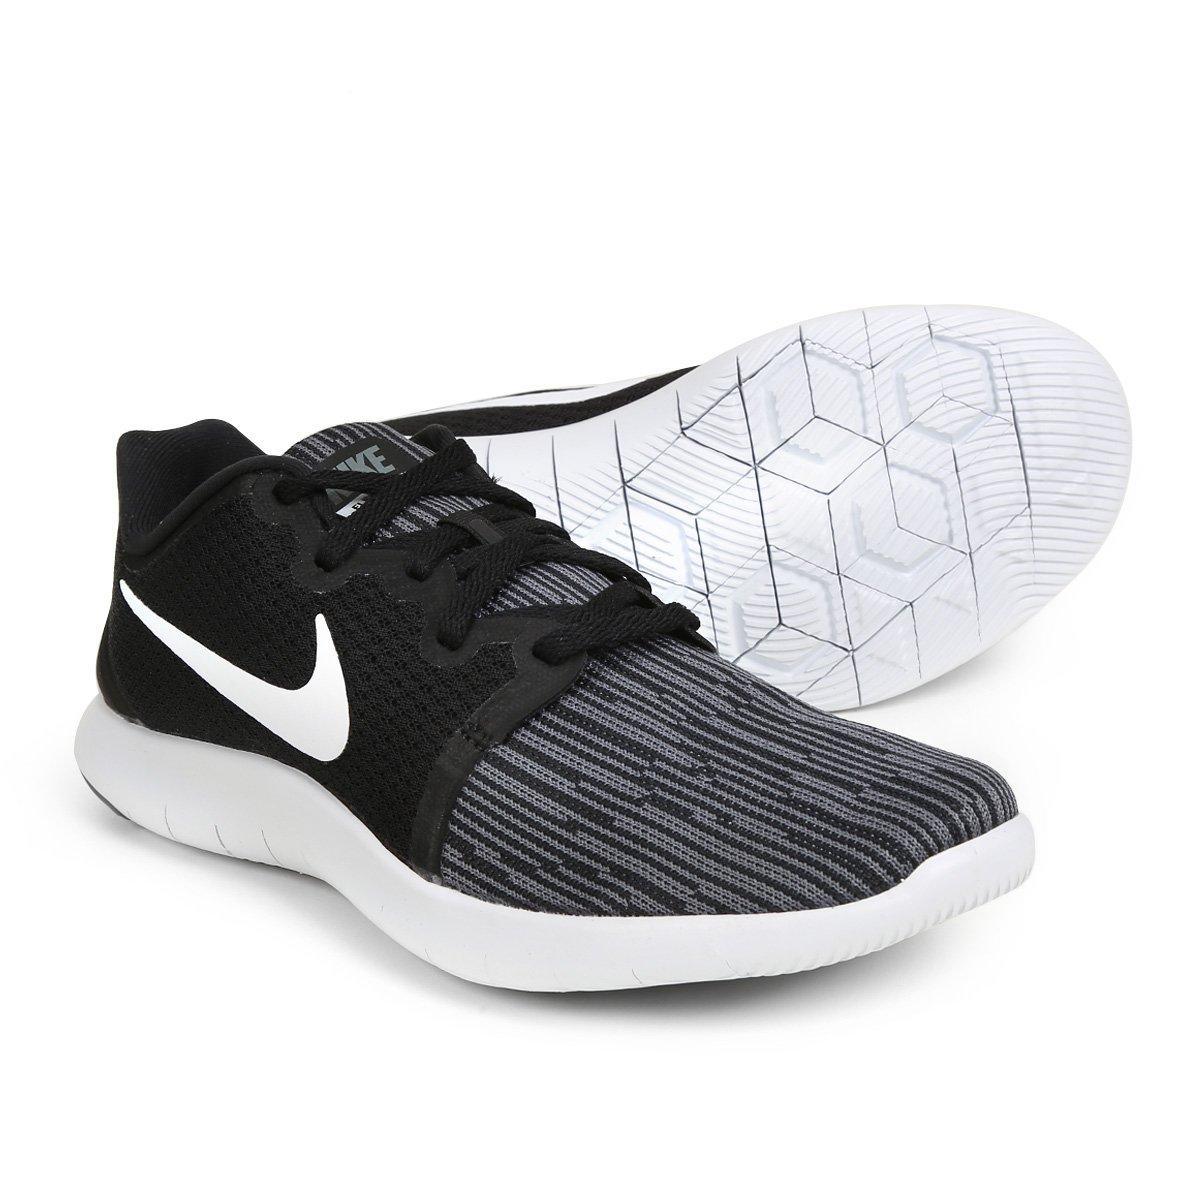 Tênis Nike Flex Contact 2 Feminino - Branco e Preto - Compre Agora ... 832d8a2a2ed00